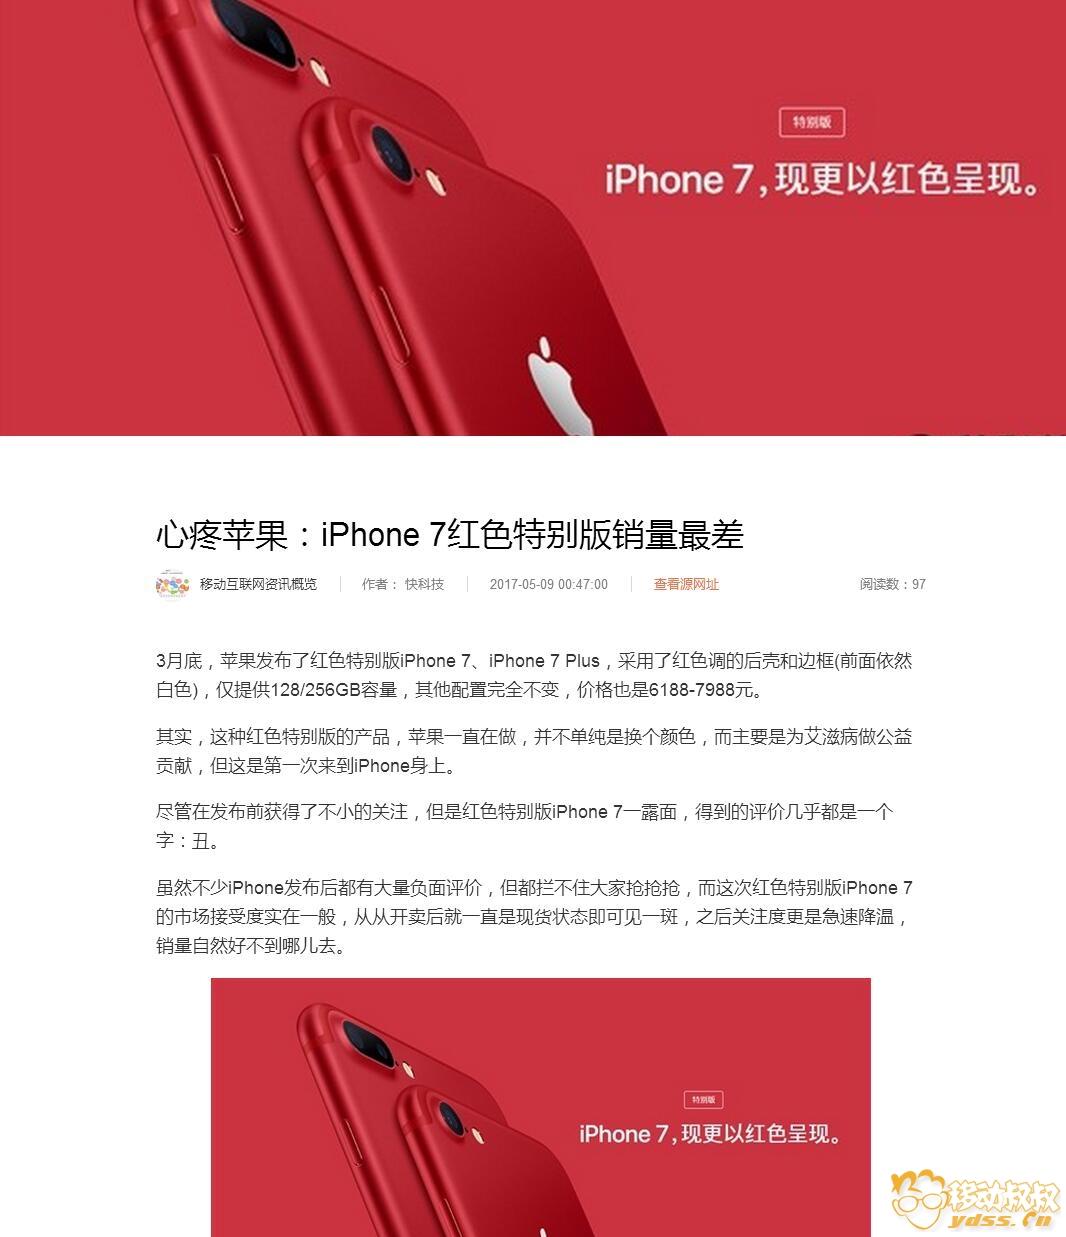 苹果iPhone 7红色特别版?#19978;?#37327;最差的版本